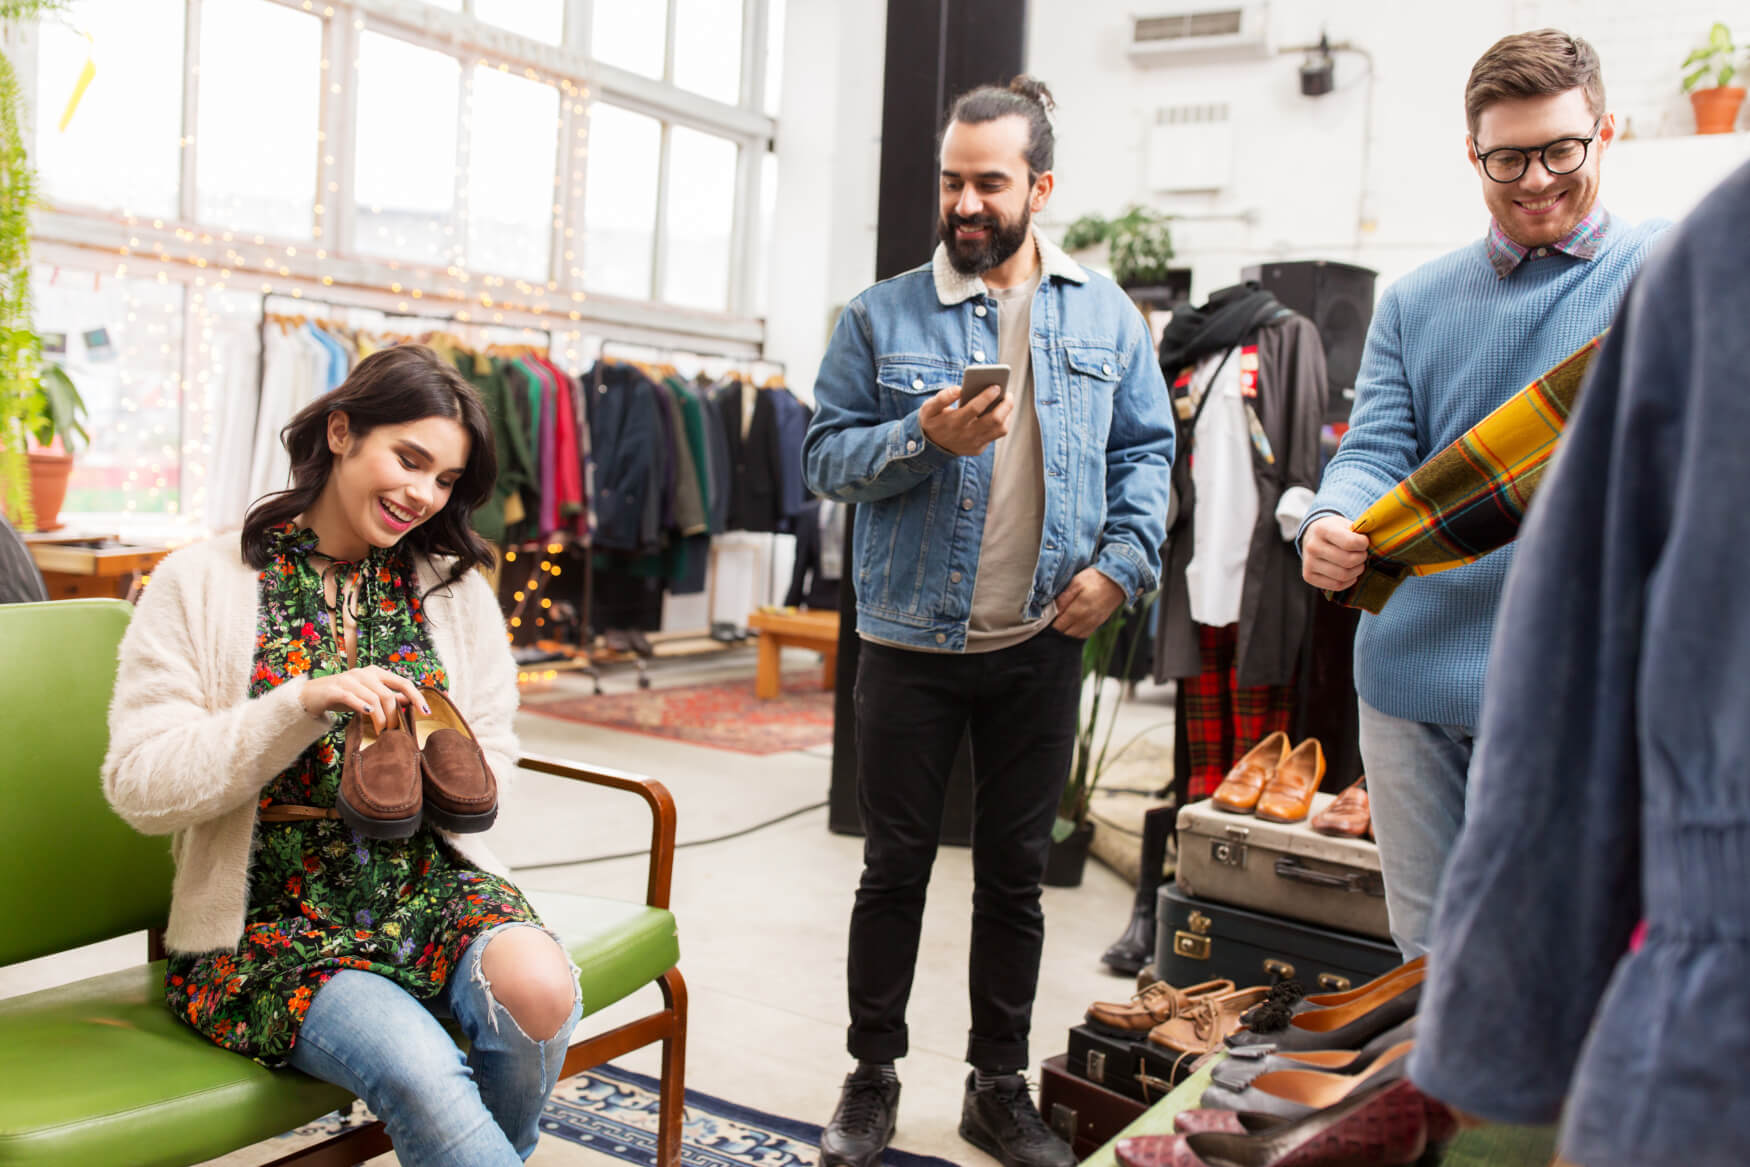 Freunde-Beim-Einkaufen-Bekleidung-Frau-Mann